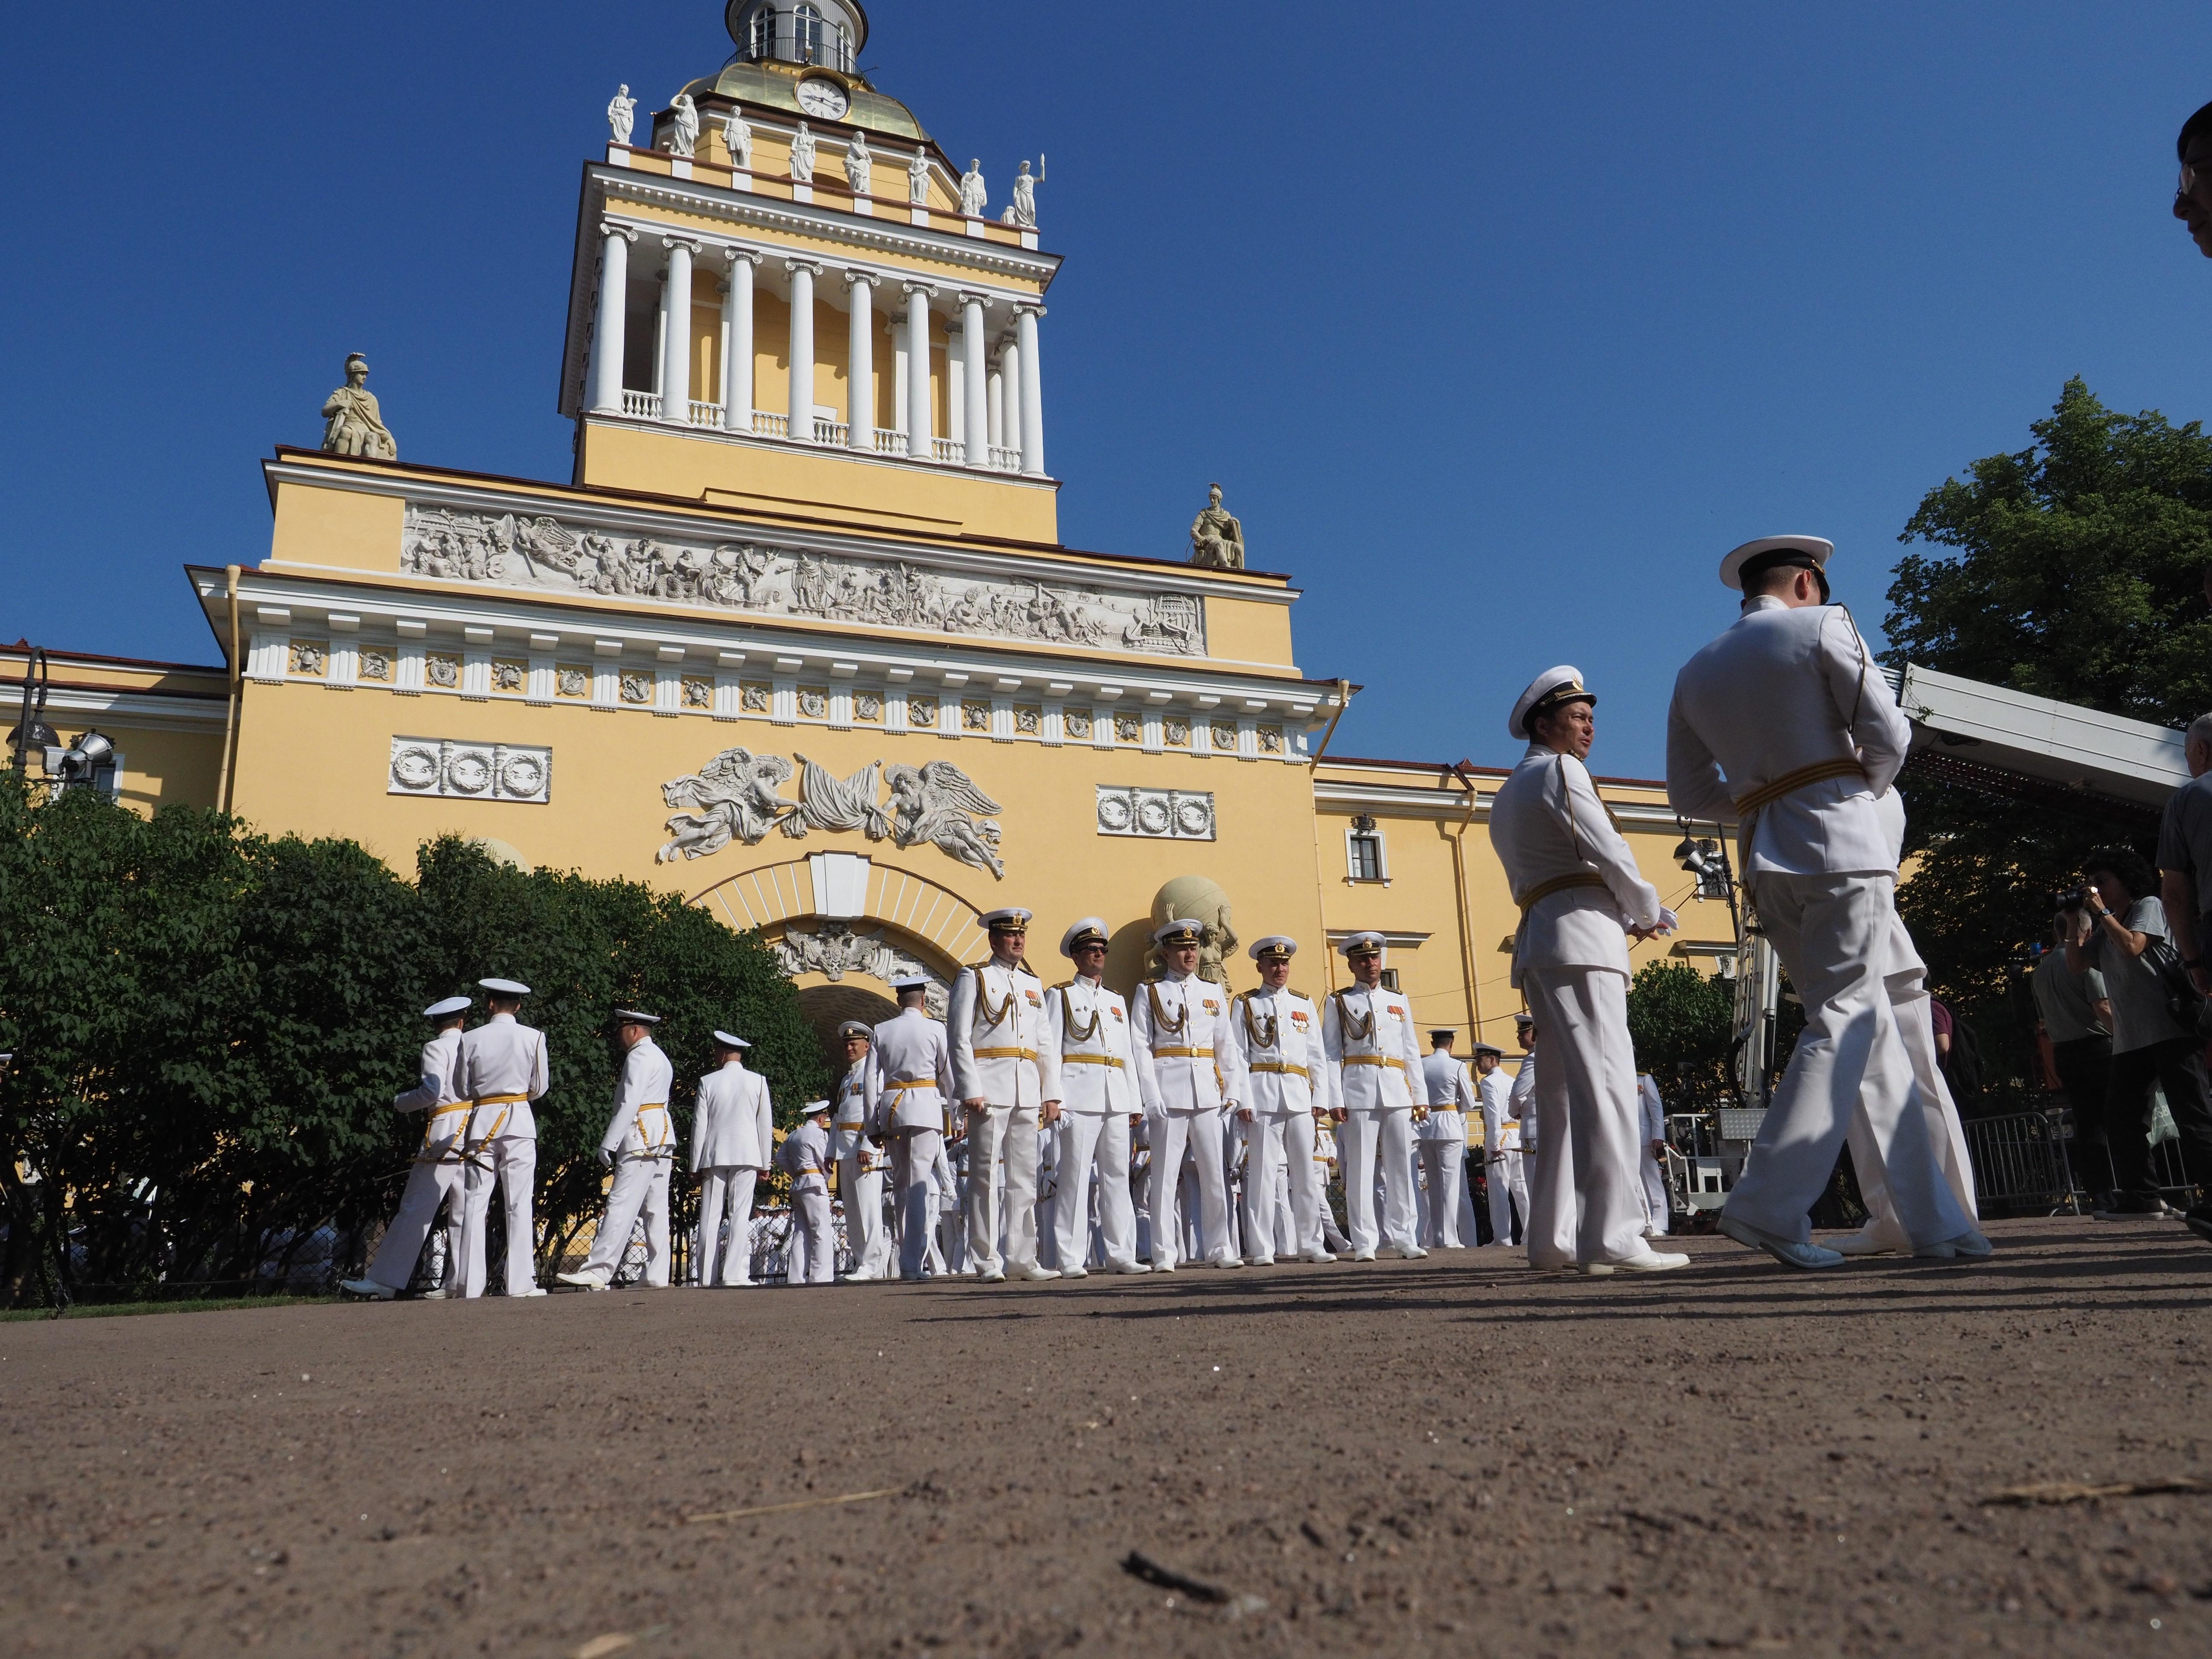 Участники парада на День ВМФ в Александровском саду